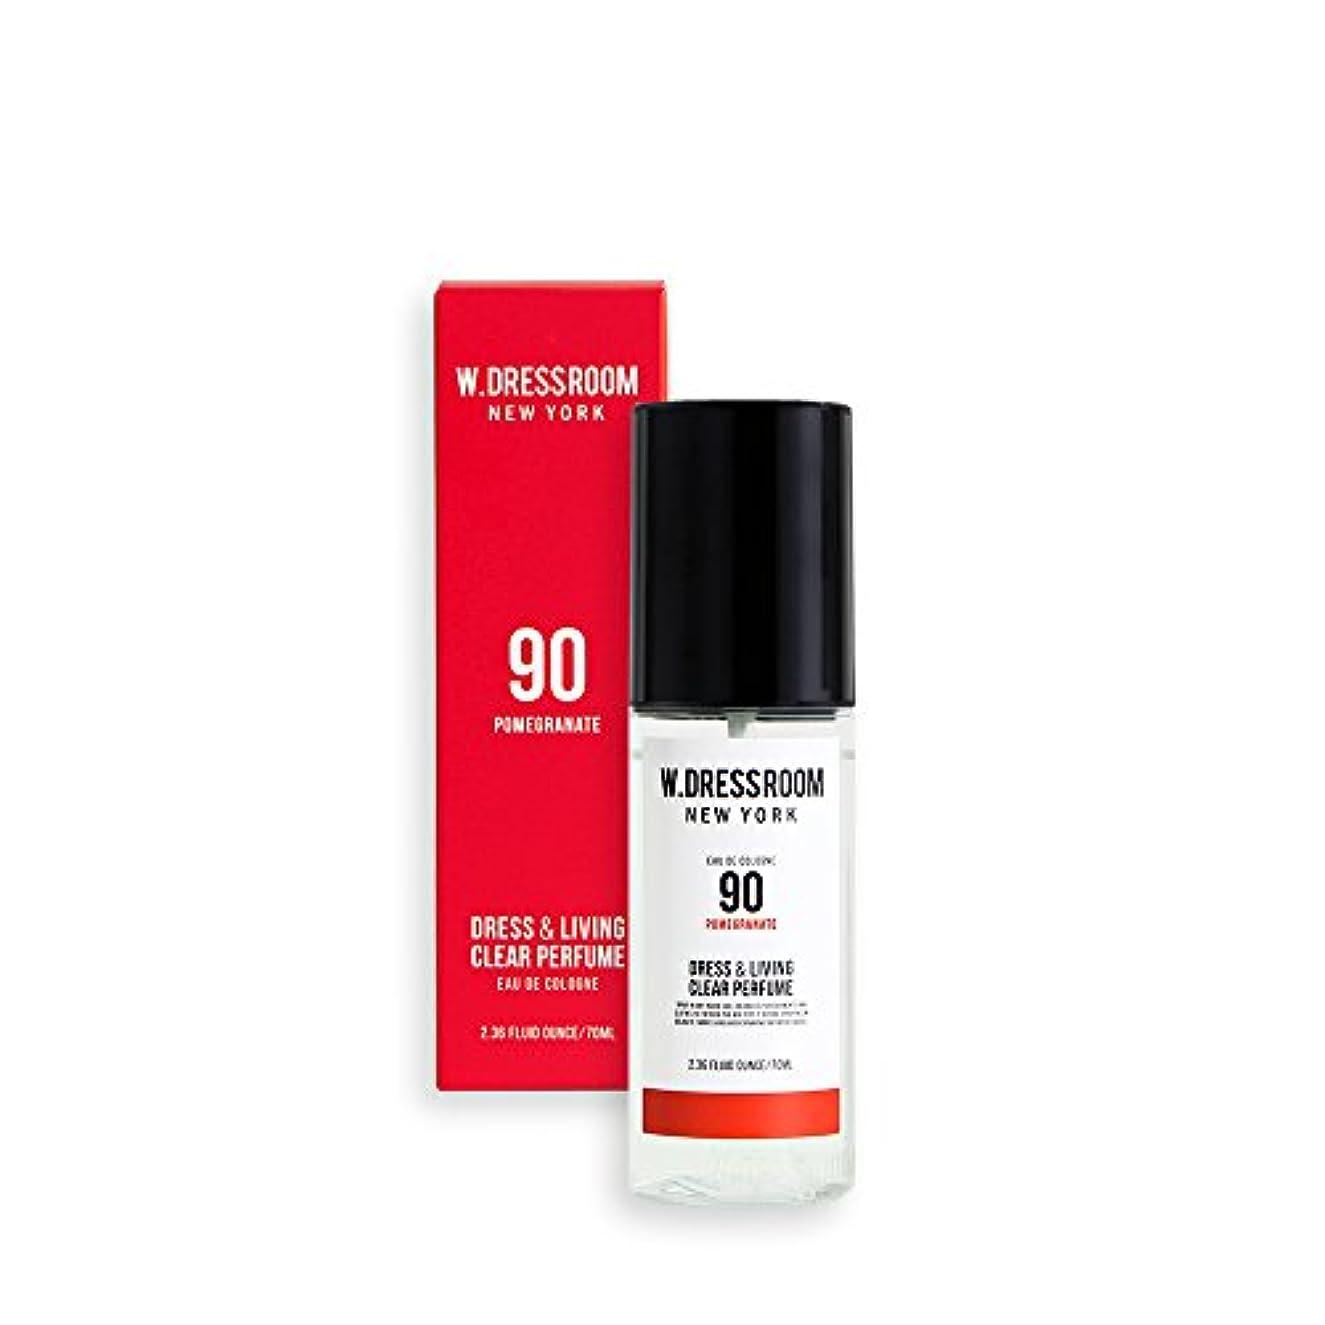 従事するレガシートレイルW.DRESSROOM Dress & Living Clear Perfume 70ml/ダブルドレスルーム ドレス&リビング クリア パフューム 70ml (#No.90 Pomegranate) [並行輸入品]